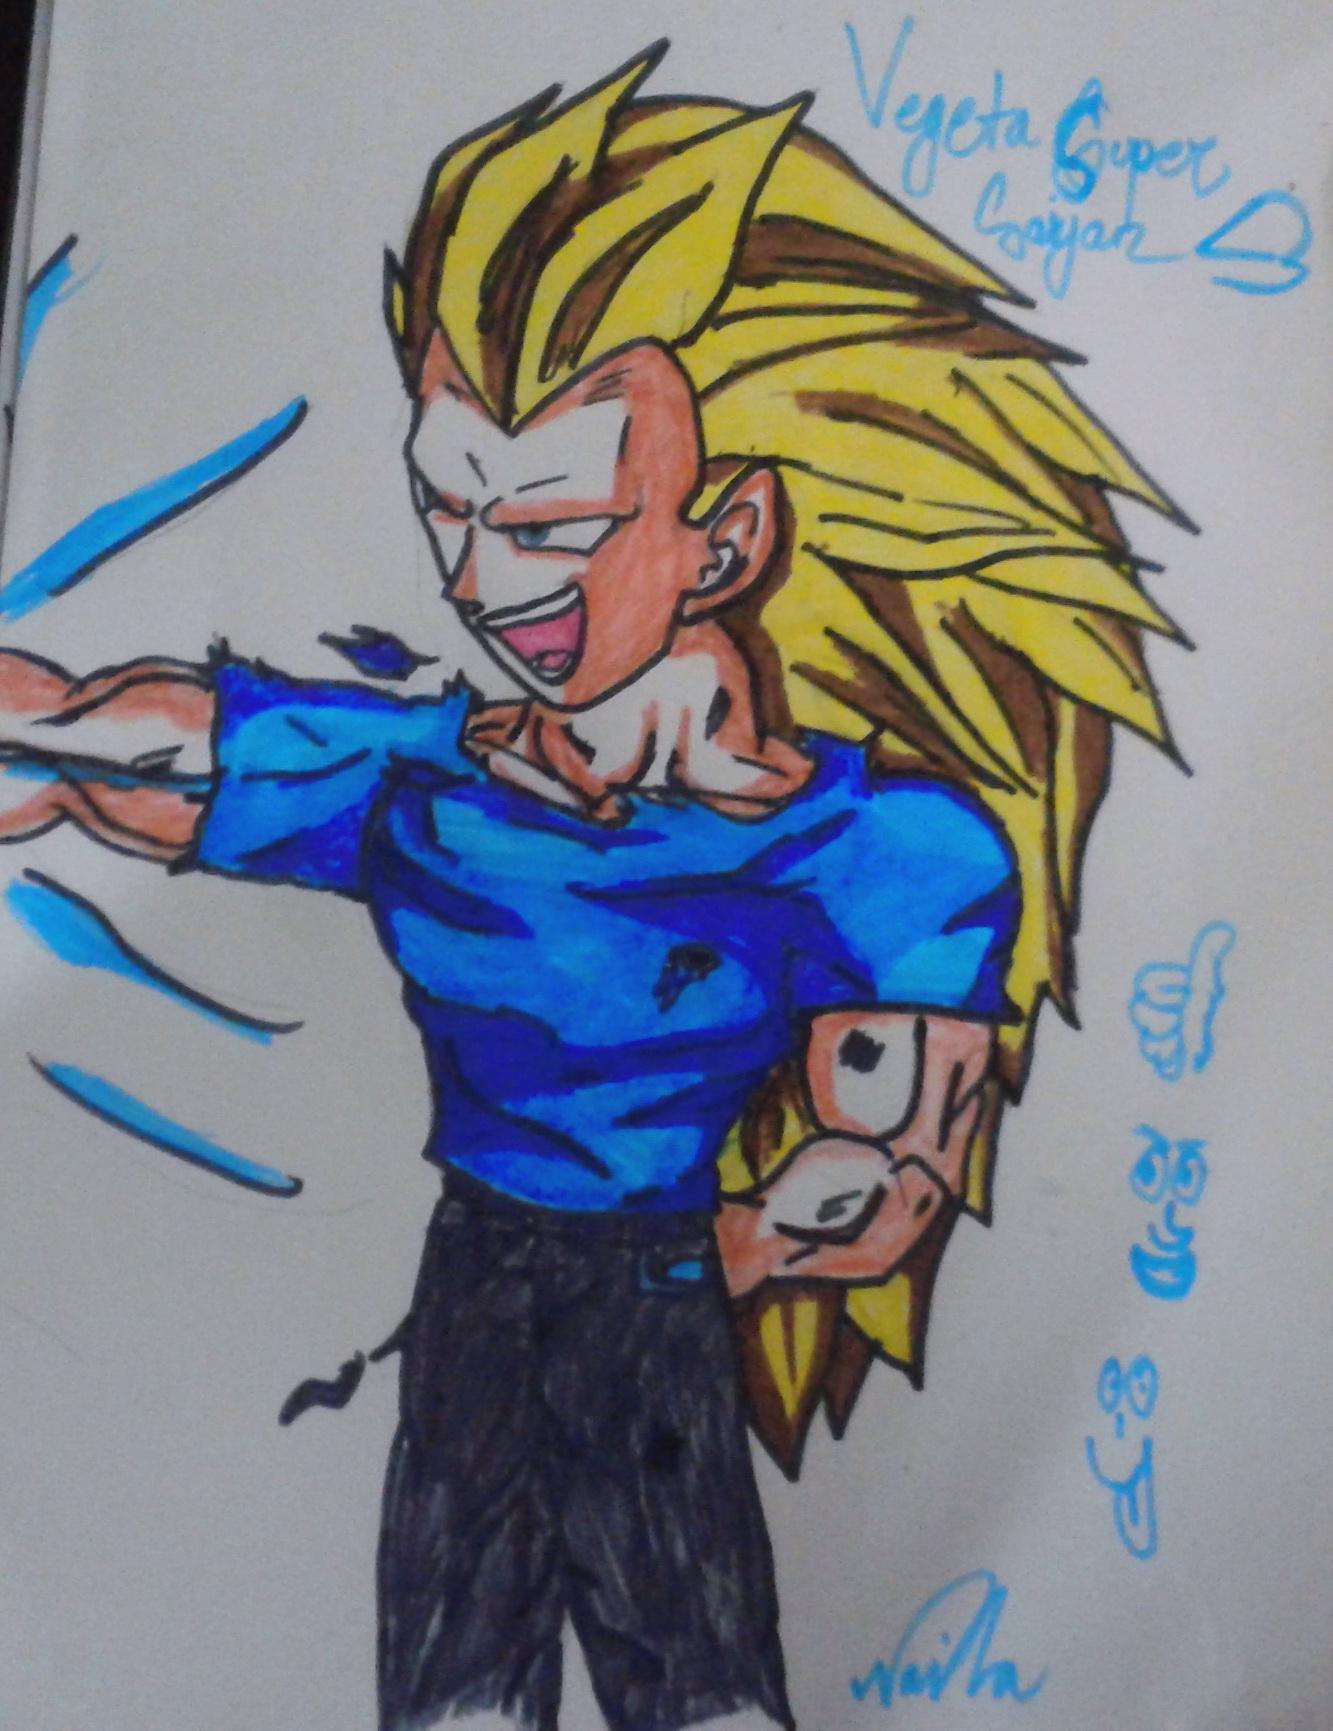 Dragon Ball Z Images Vegeta Super Saiyan 3 Become A Fan Of It If